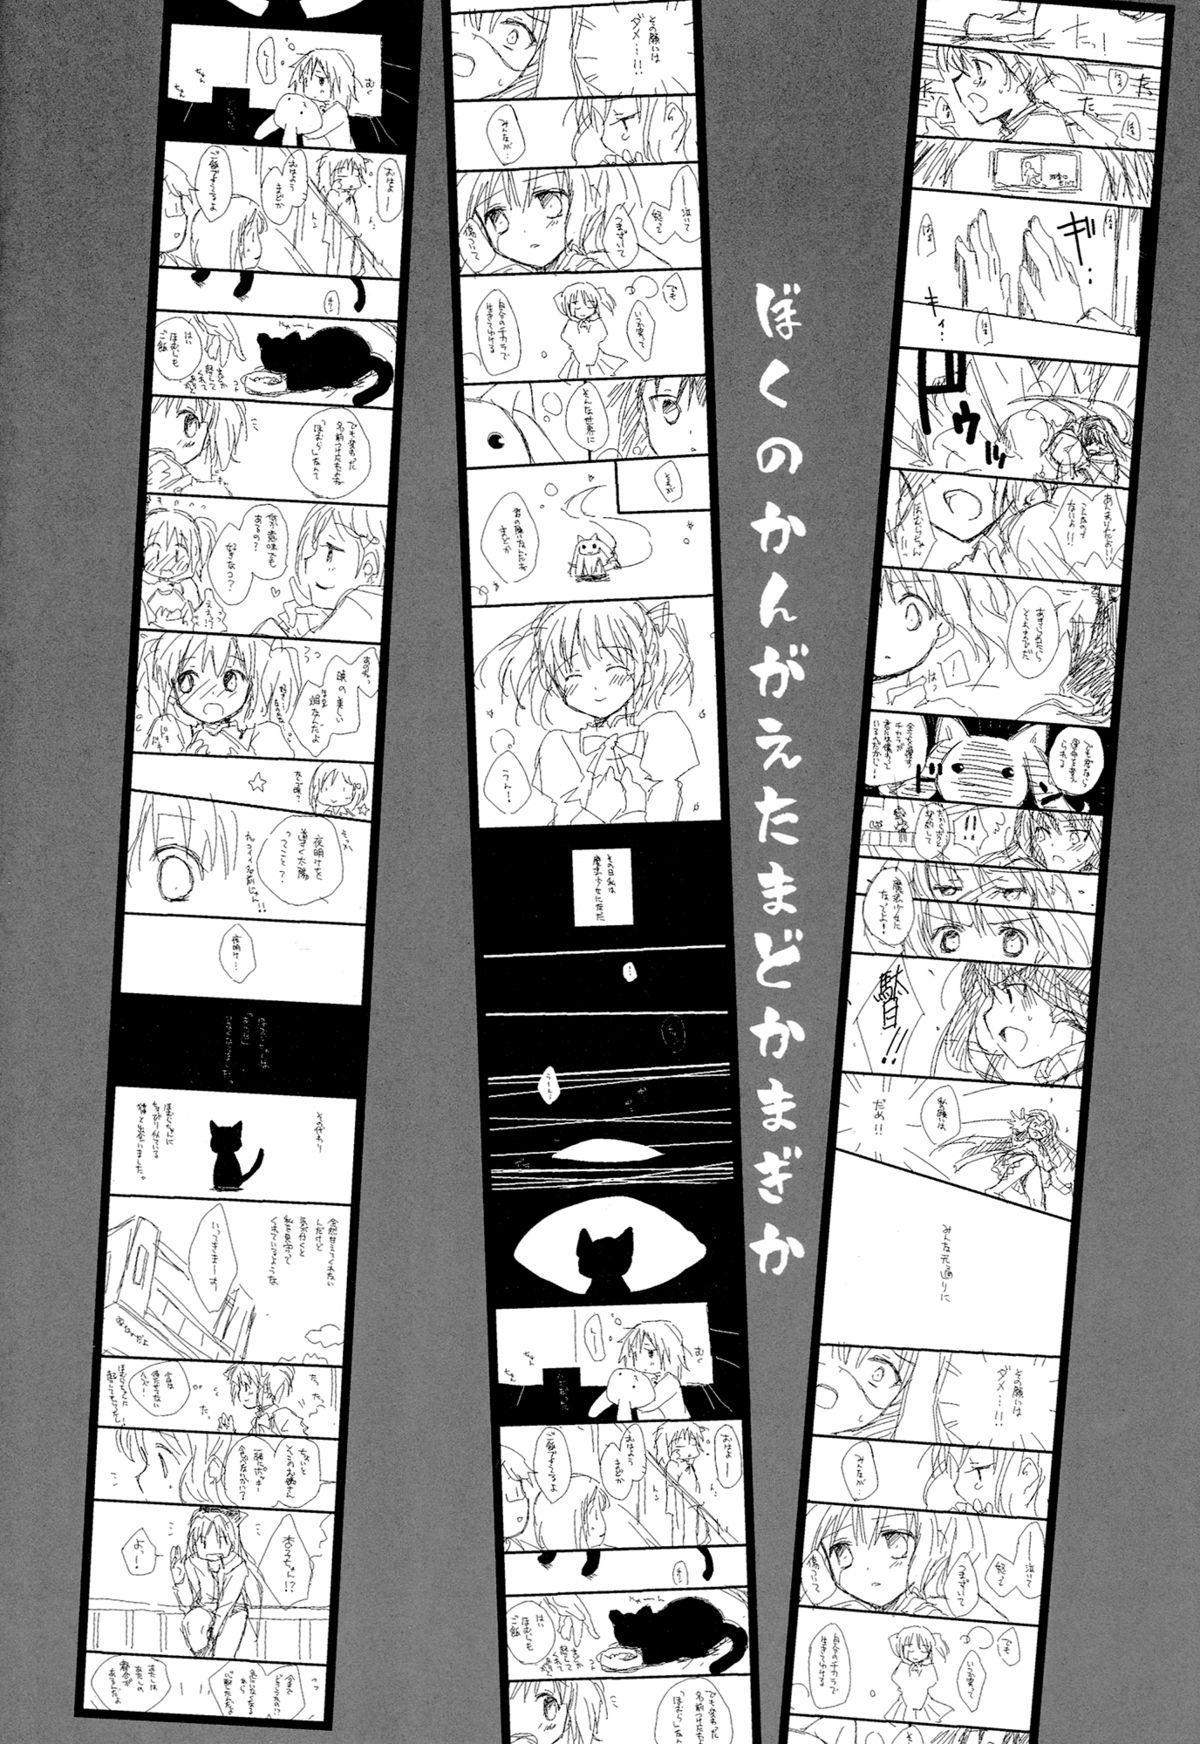 Futarikiri no Yoru no Ohanashi | A Story of Their Night Together 22